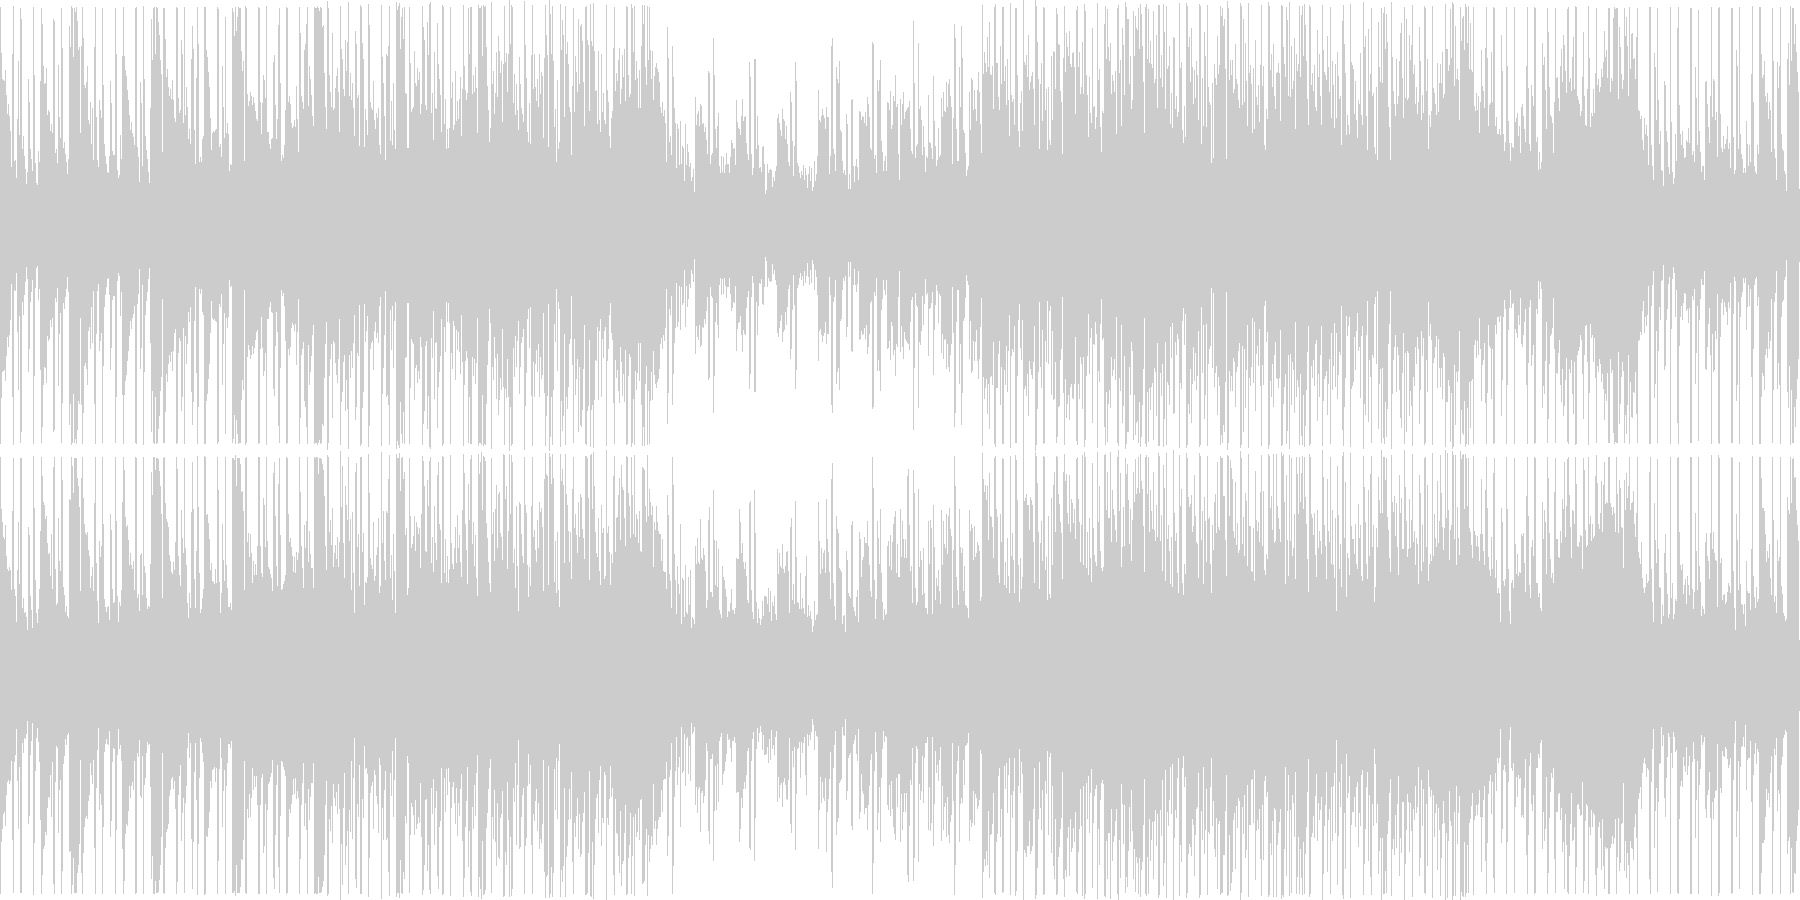 【ループ】シンセ/落ち着いた曲調/お洒落の未再生の波形